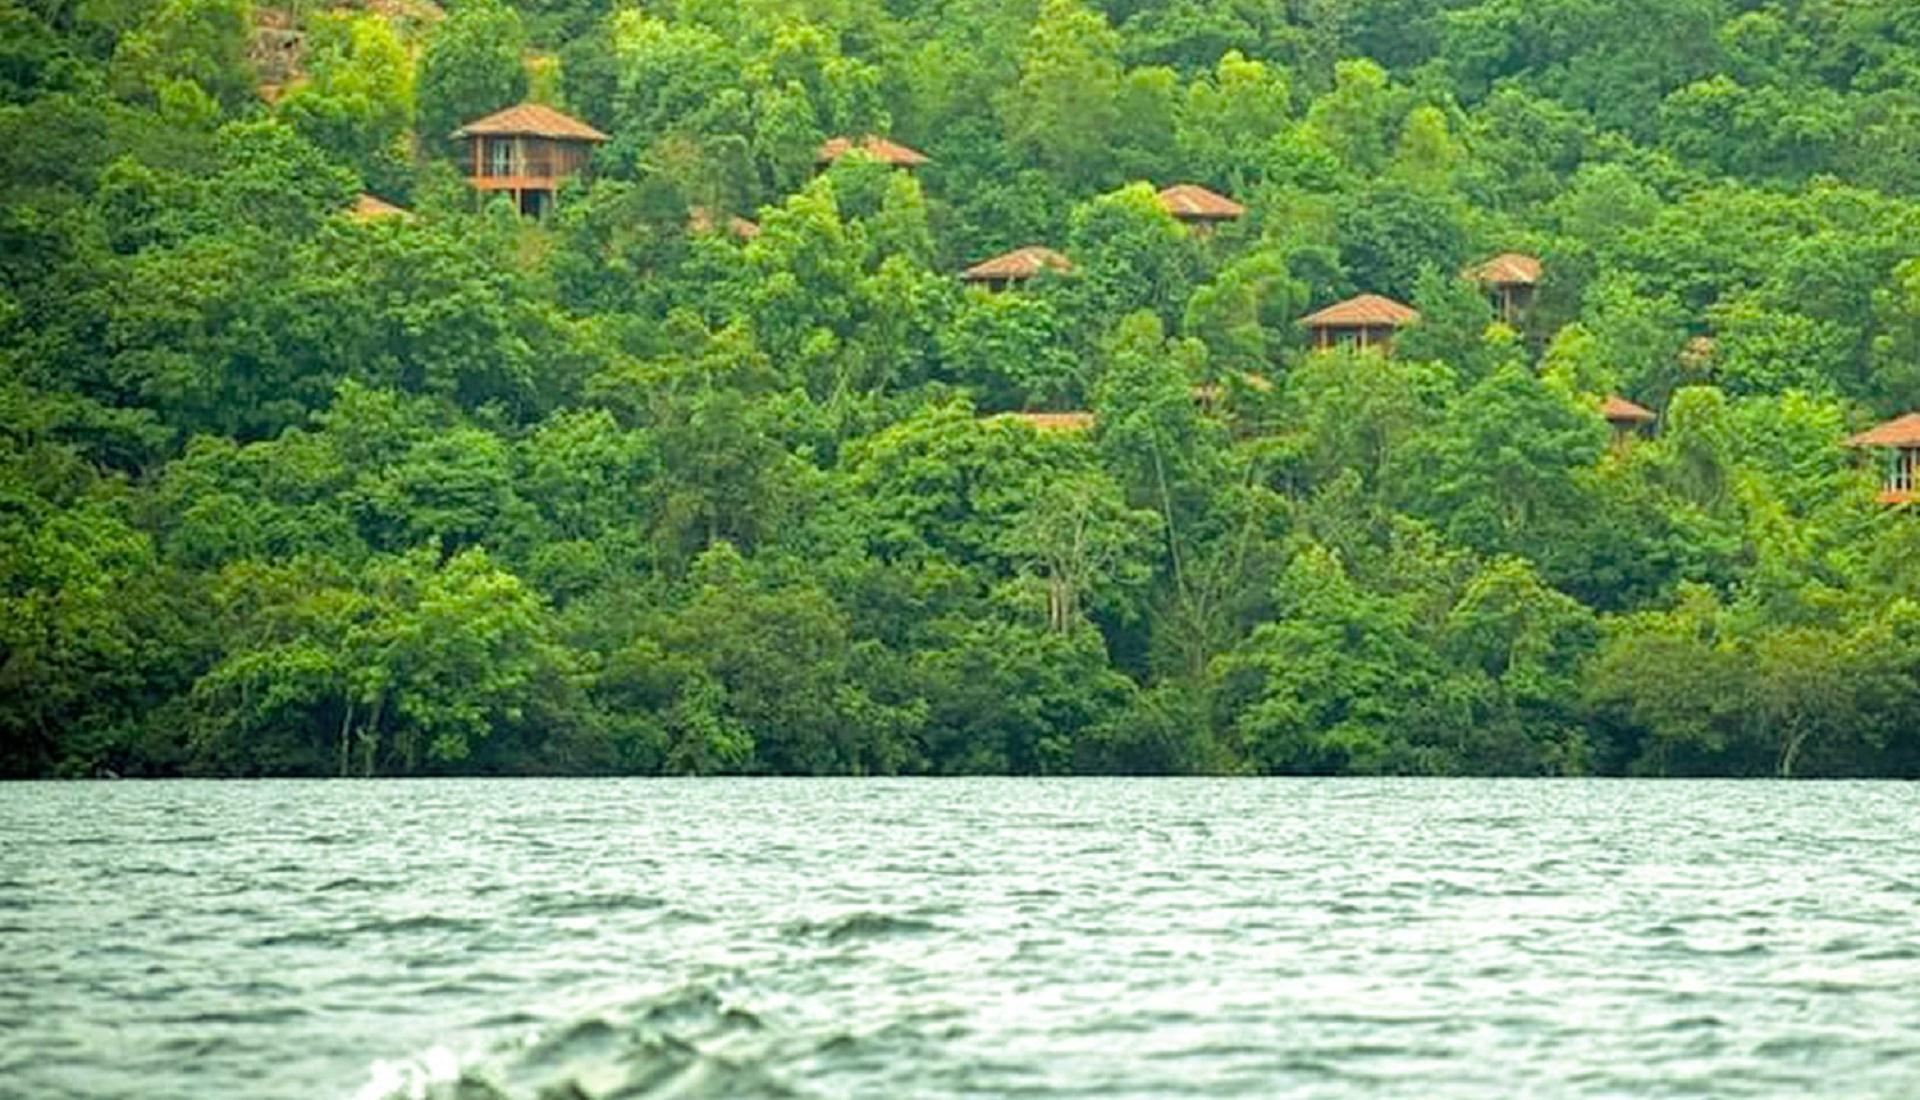 sharavathi adventure camp karnataka